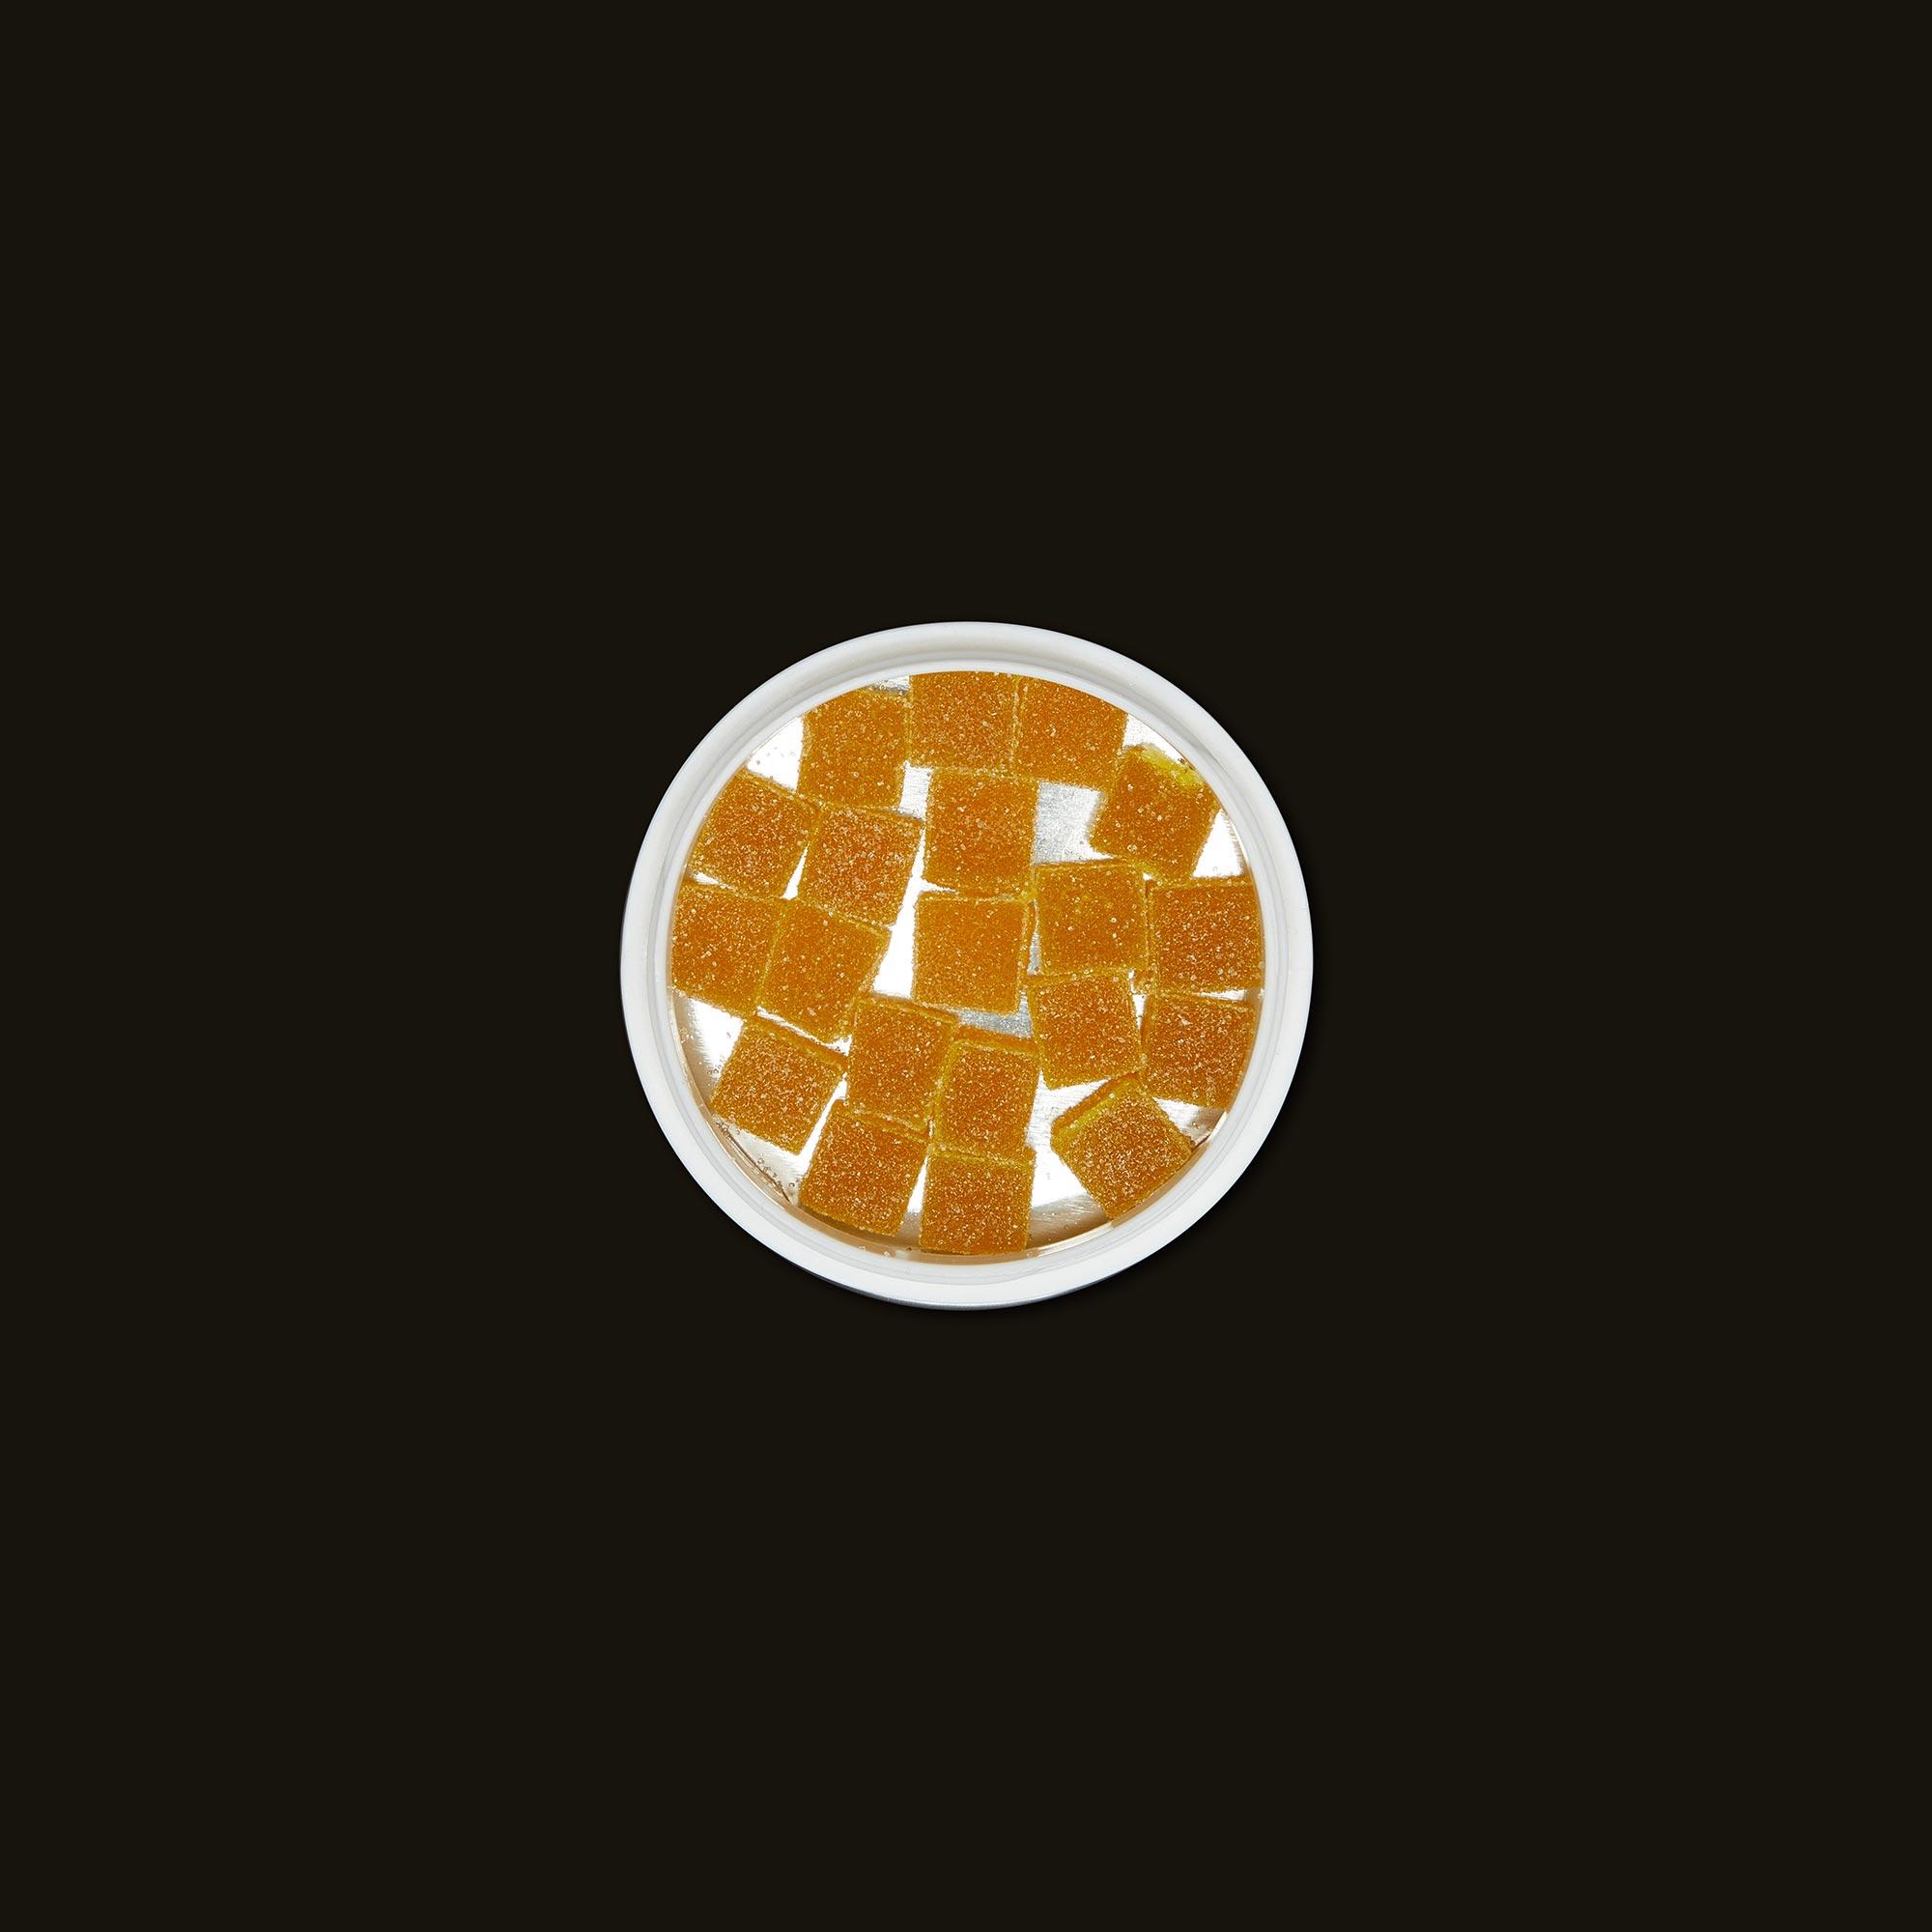 Plus Lemon Jack Strains Gummies Open Packaging